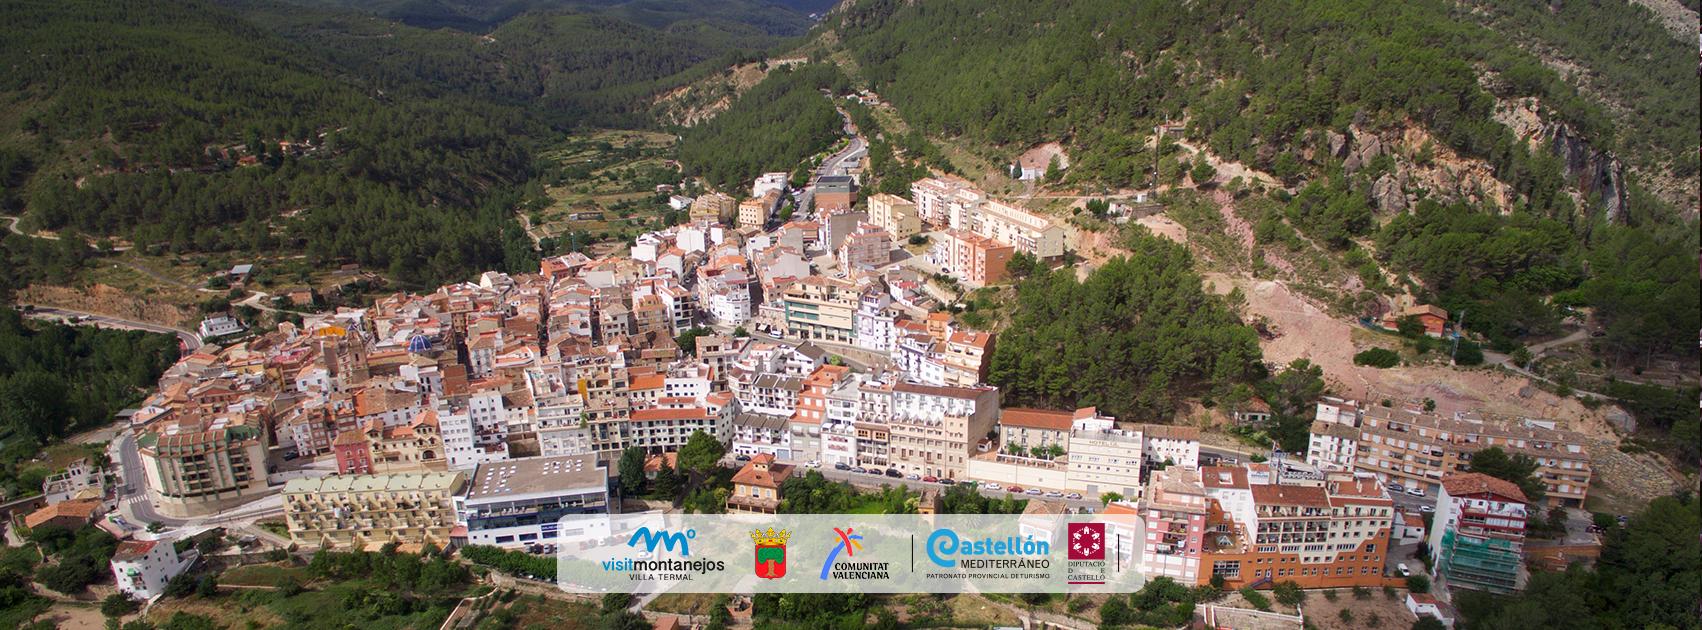 La Fundación de Turismo recibe en 2019 una subvención de Turisme Comunitat Valenciana